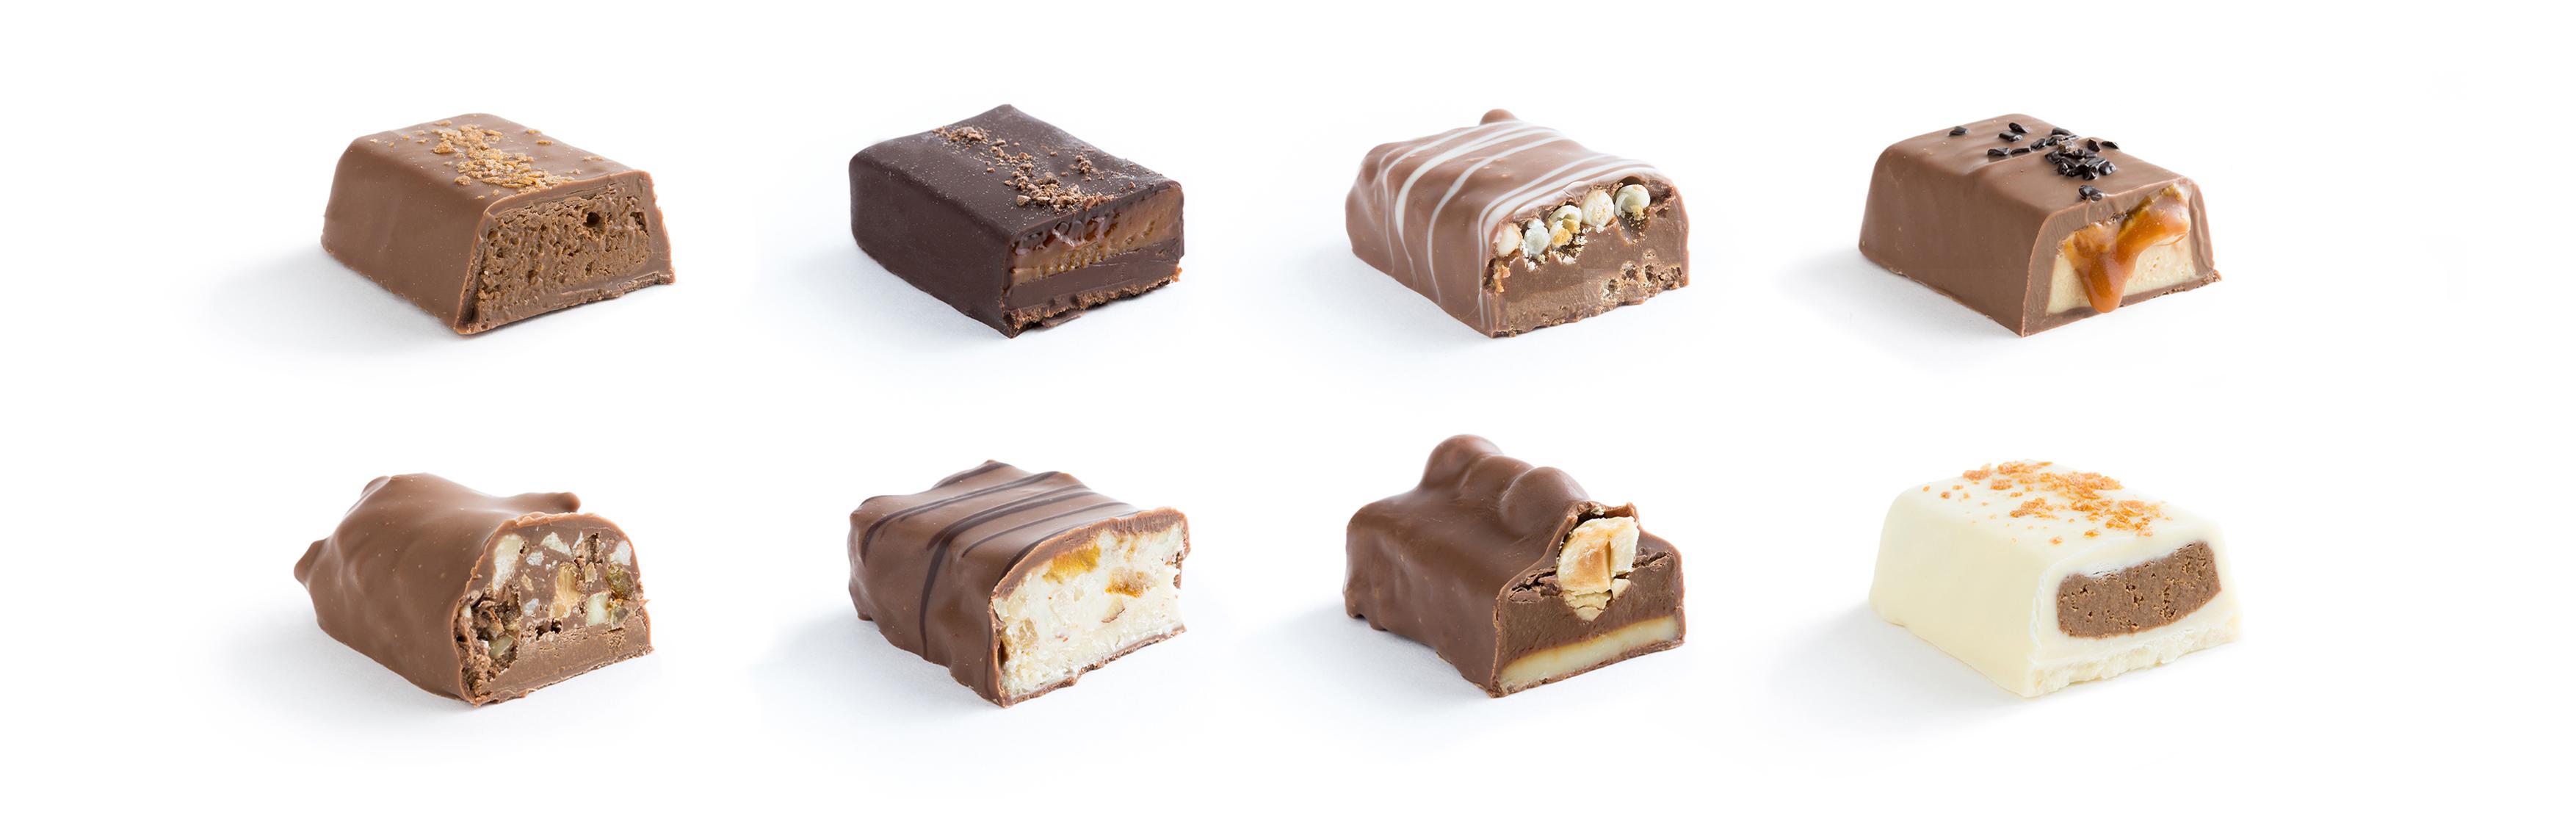 Grown Up Chocolate Company Bars